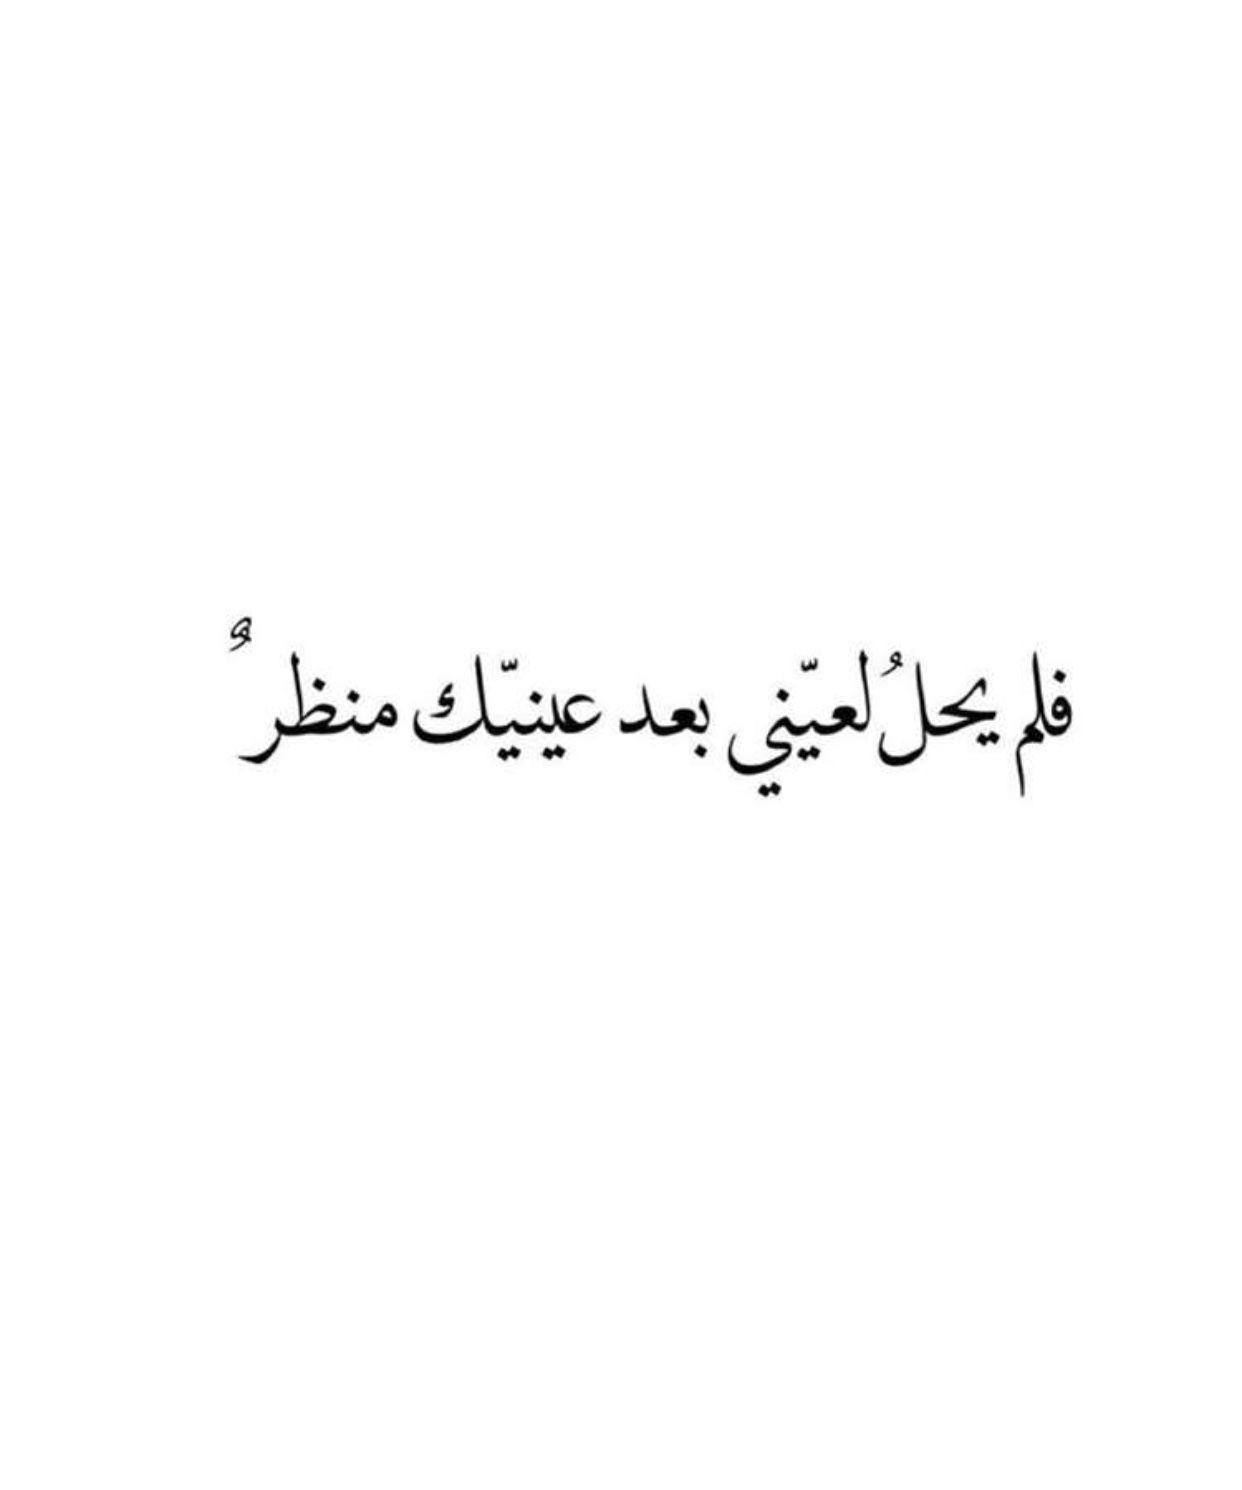 عينيك   ! اهـ منها | الاصاله العربيه | Arabic love quotes